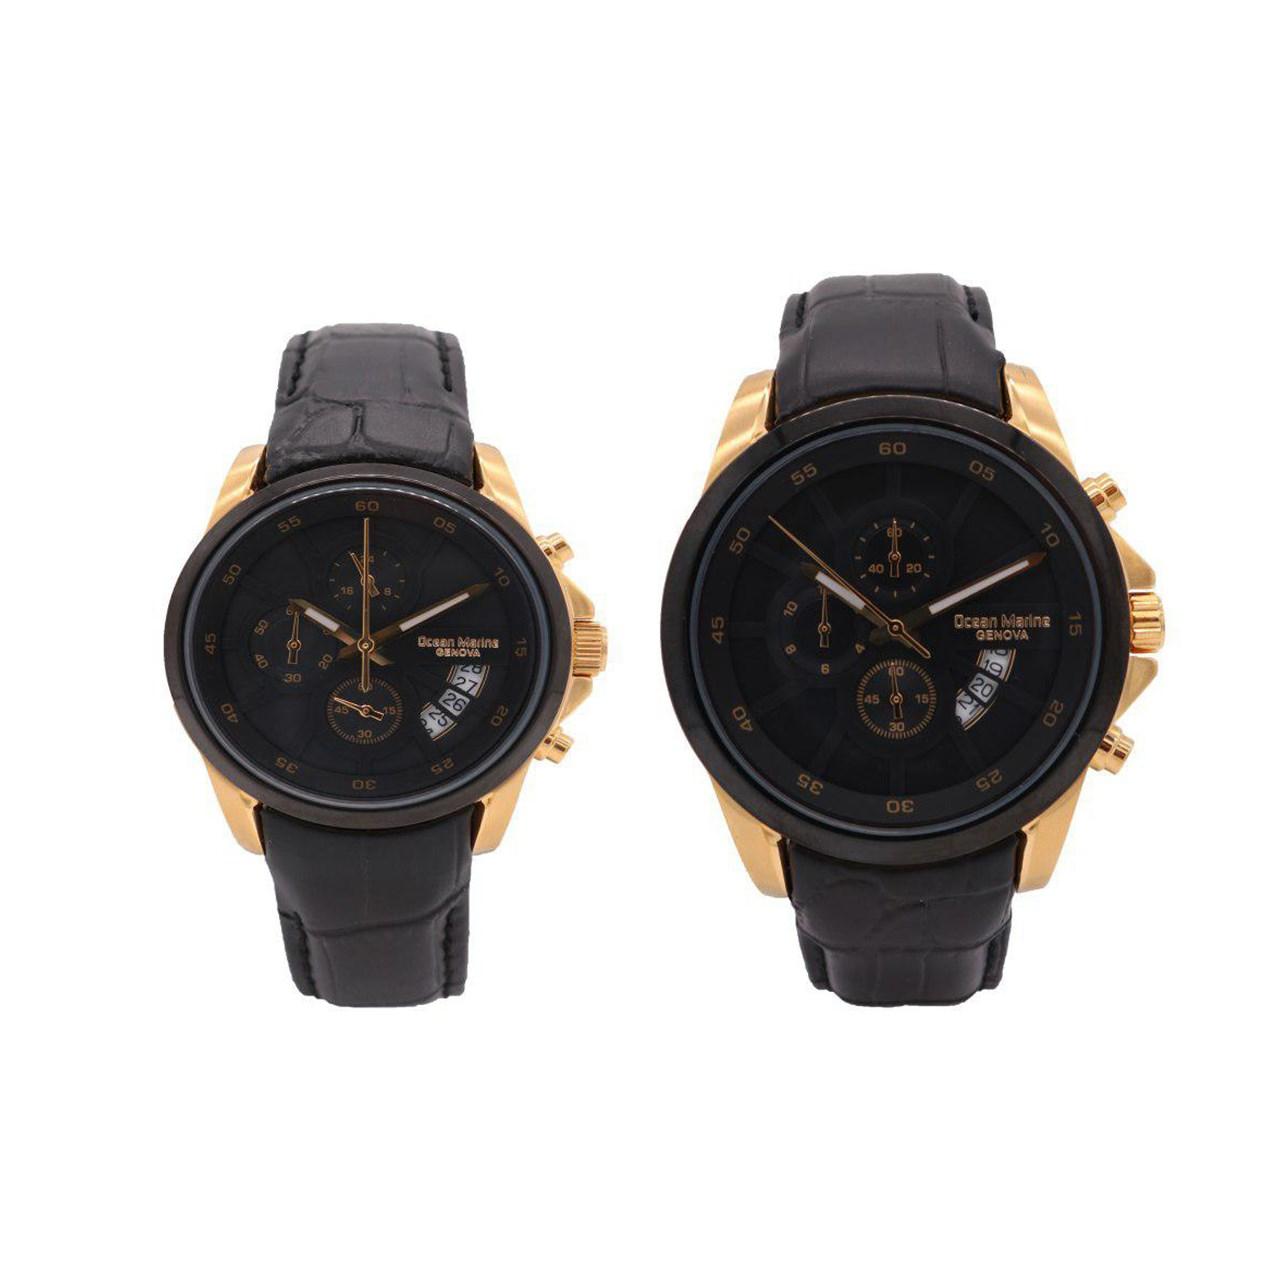 ساعت ست مردانه و زنانه اوشن مارین مدل OM-8103L-2 و OM-8103G-2